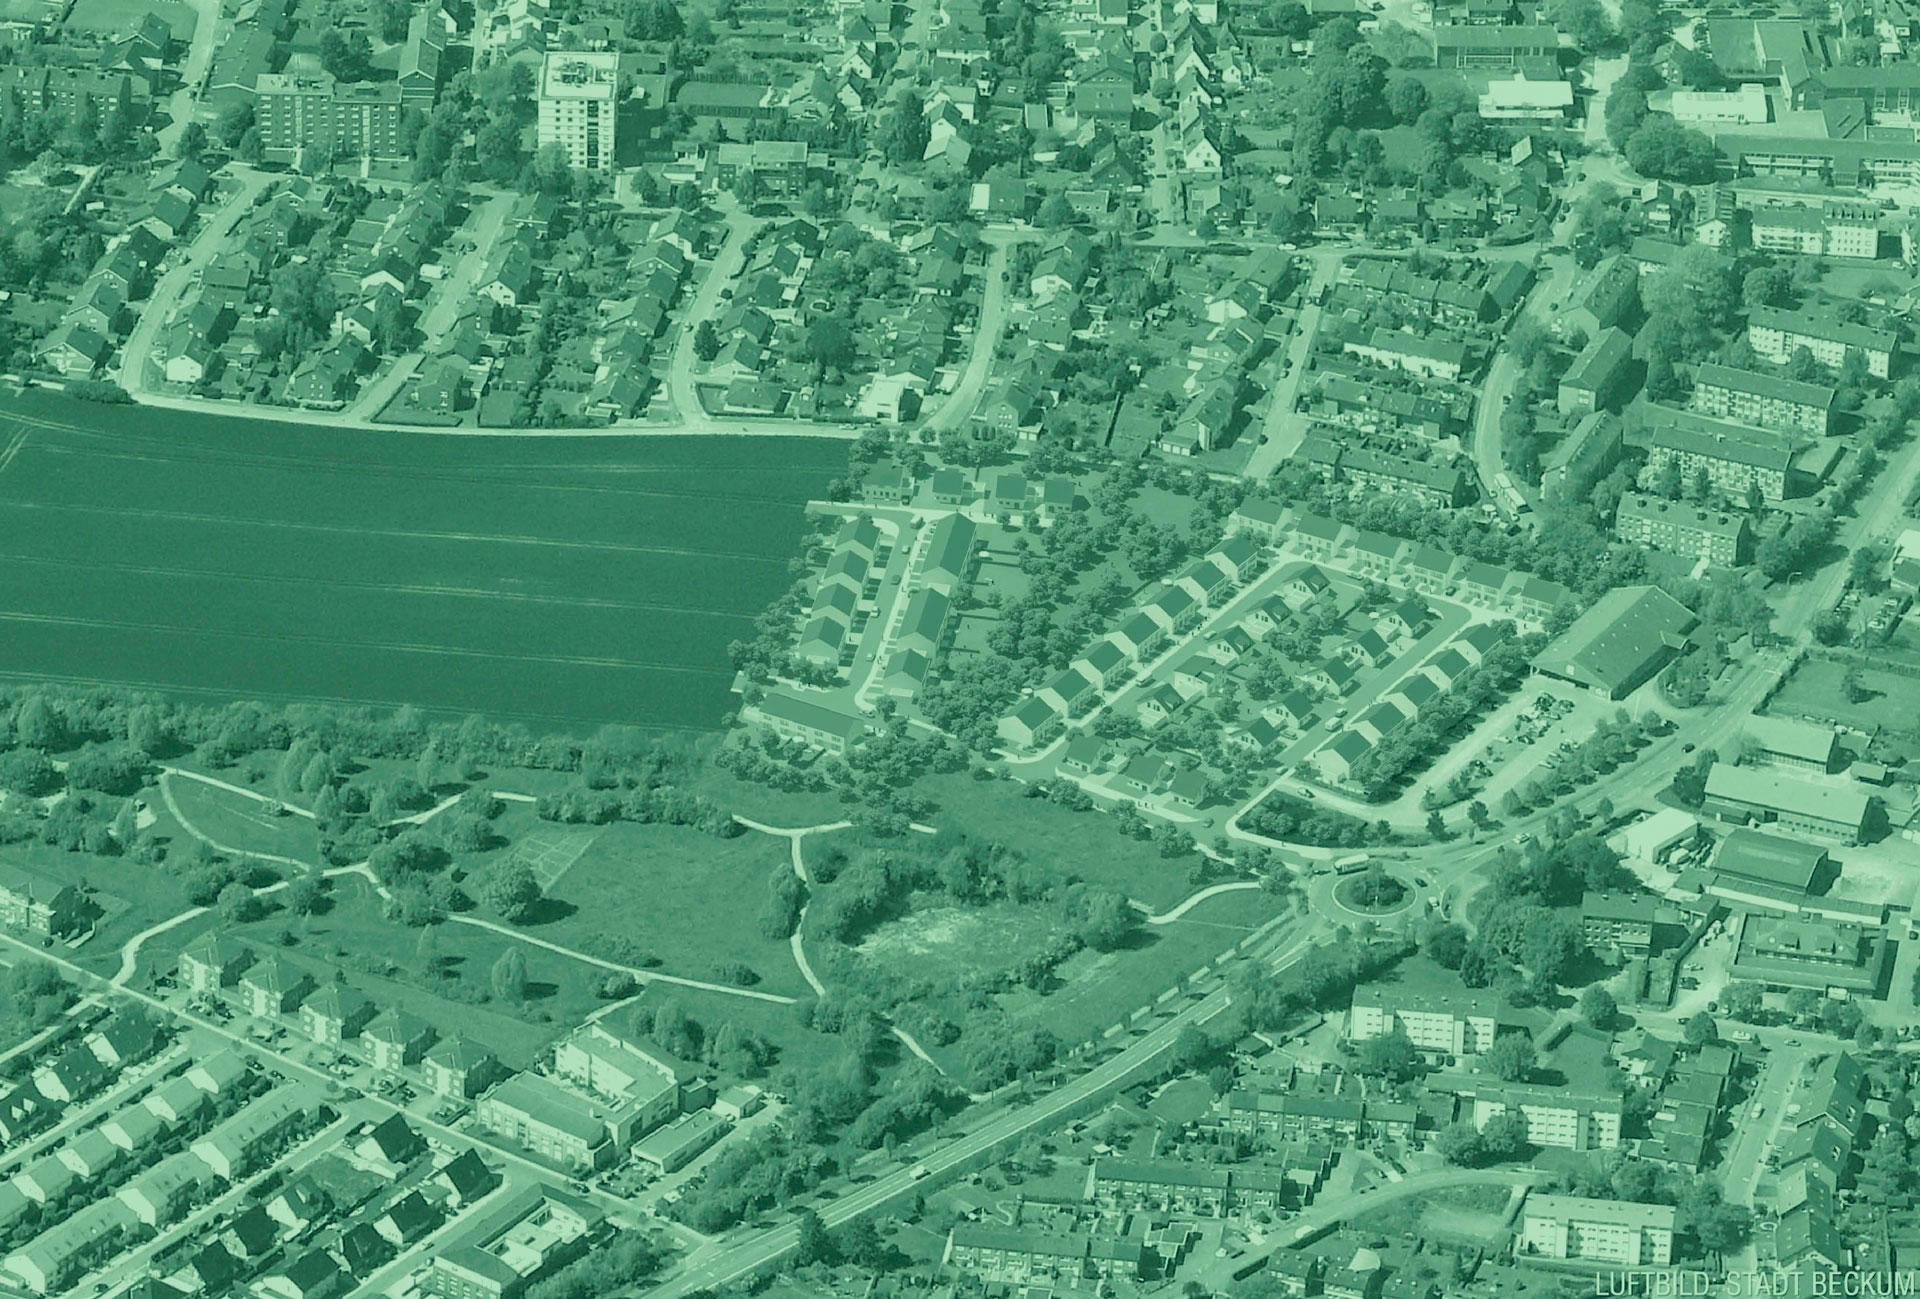 1920x1300_aerialview_gruen